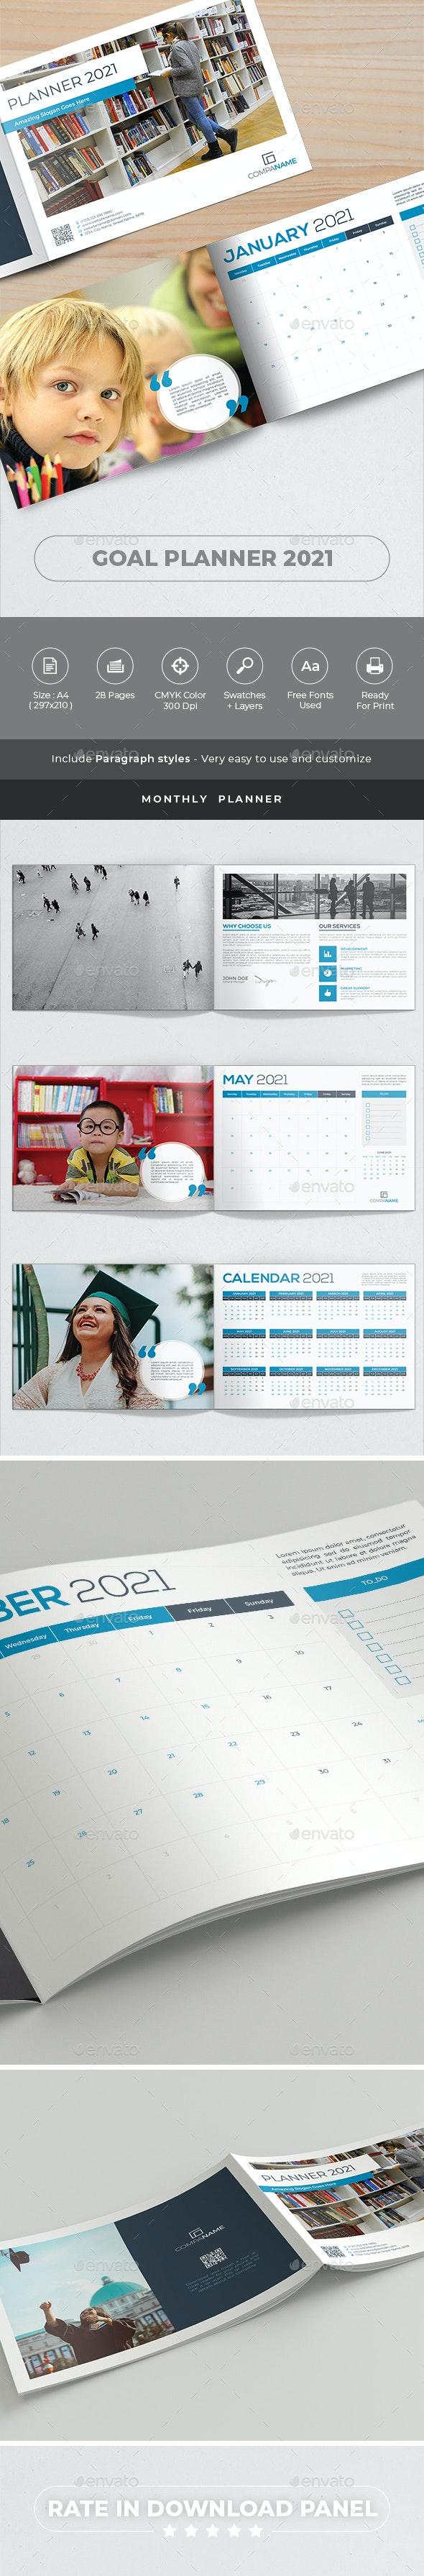 Goal Planner 2021 - Catalogs Brochures